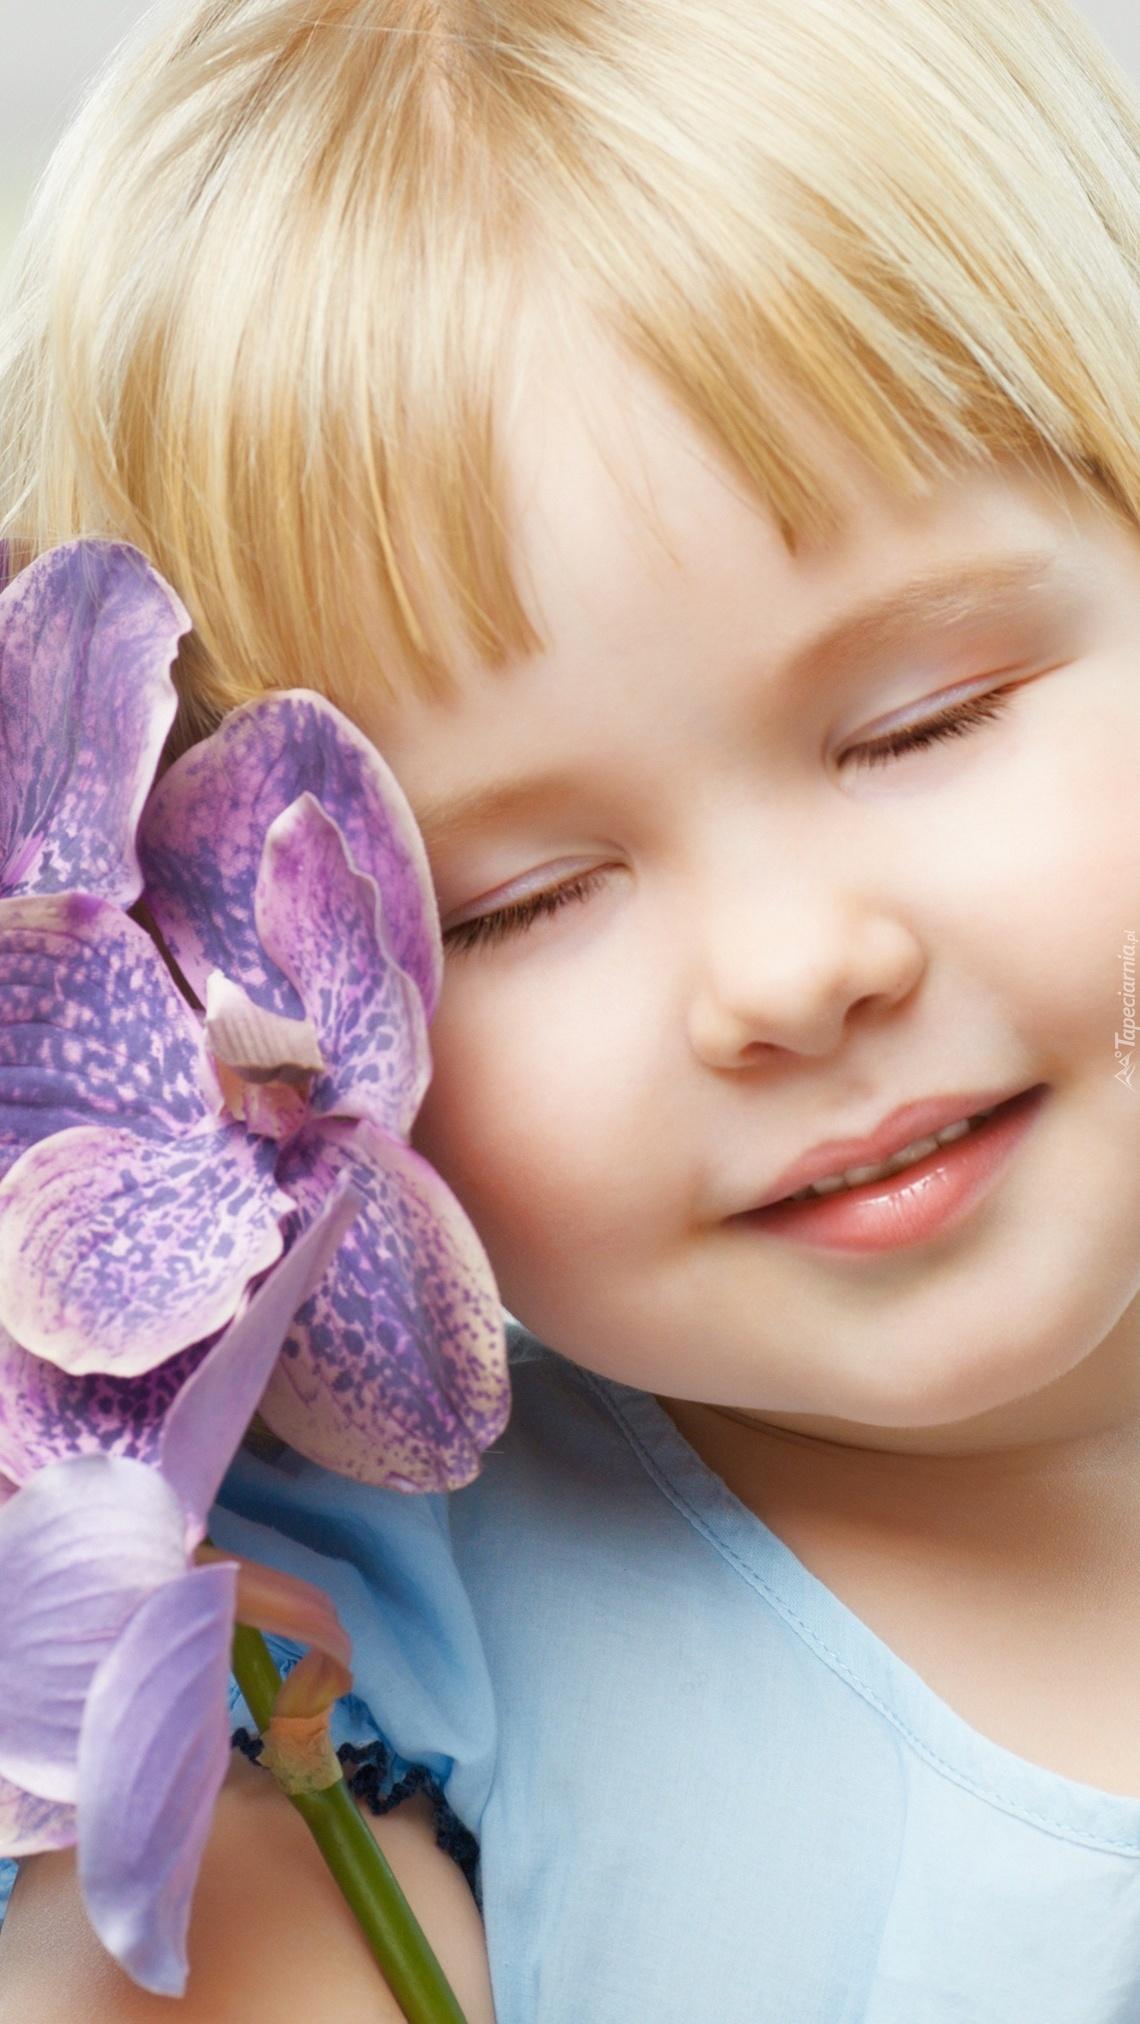 Dziewczynka z kwiatem storczyka